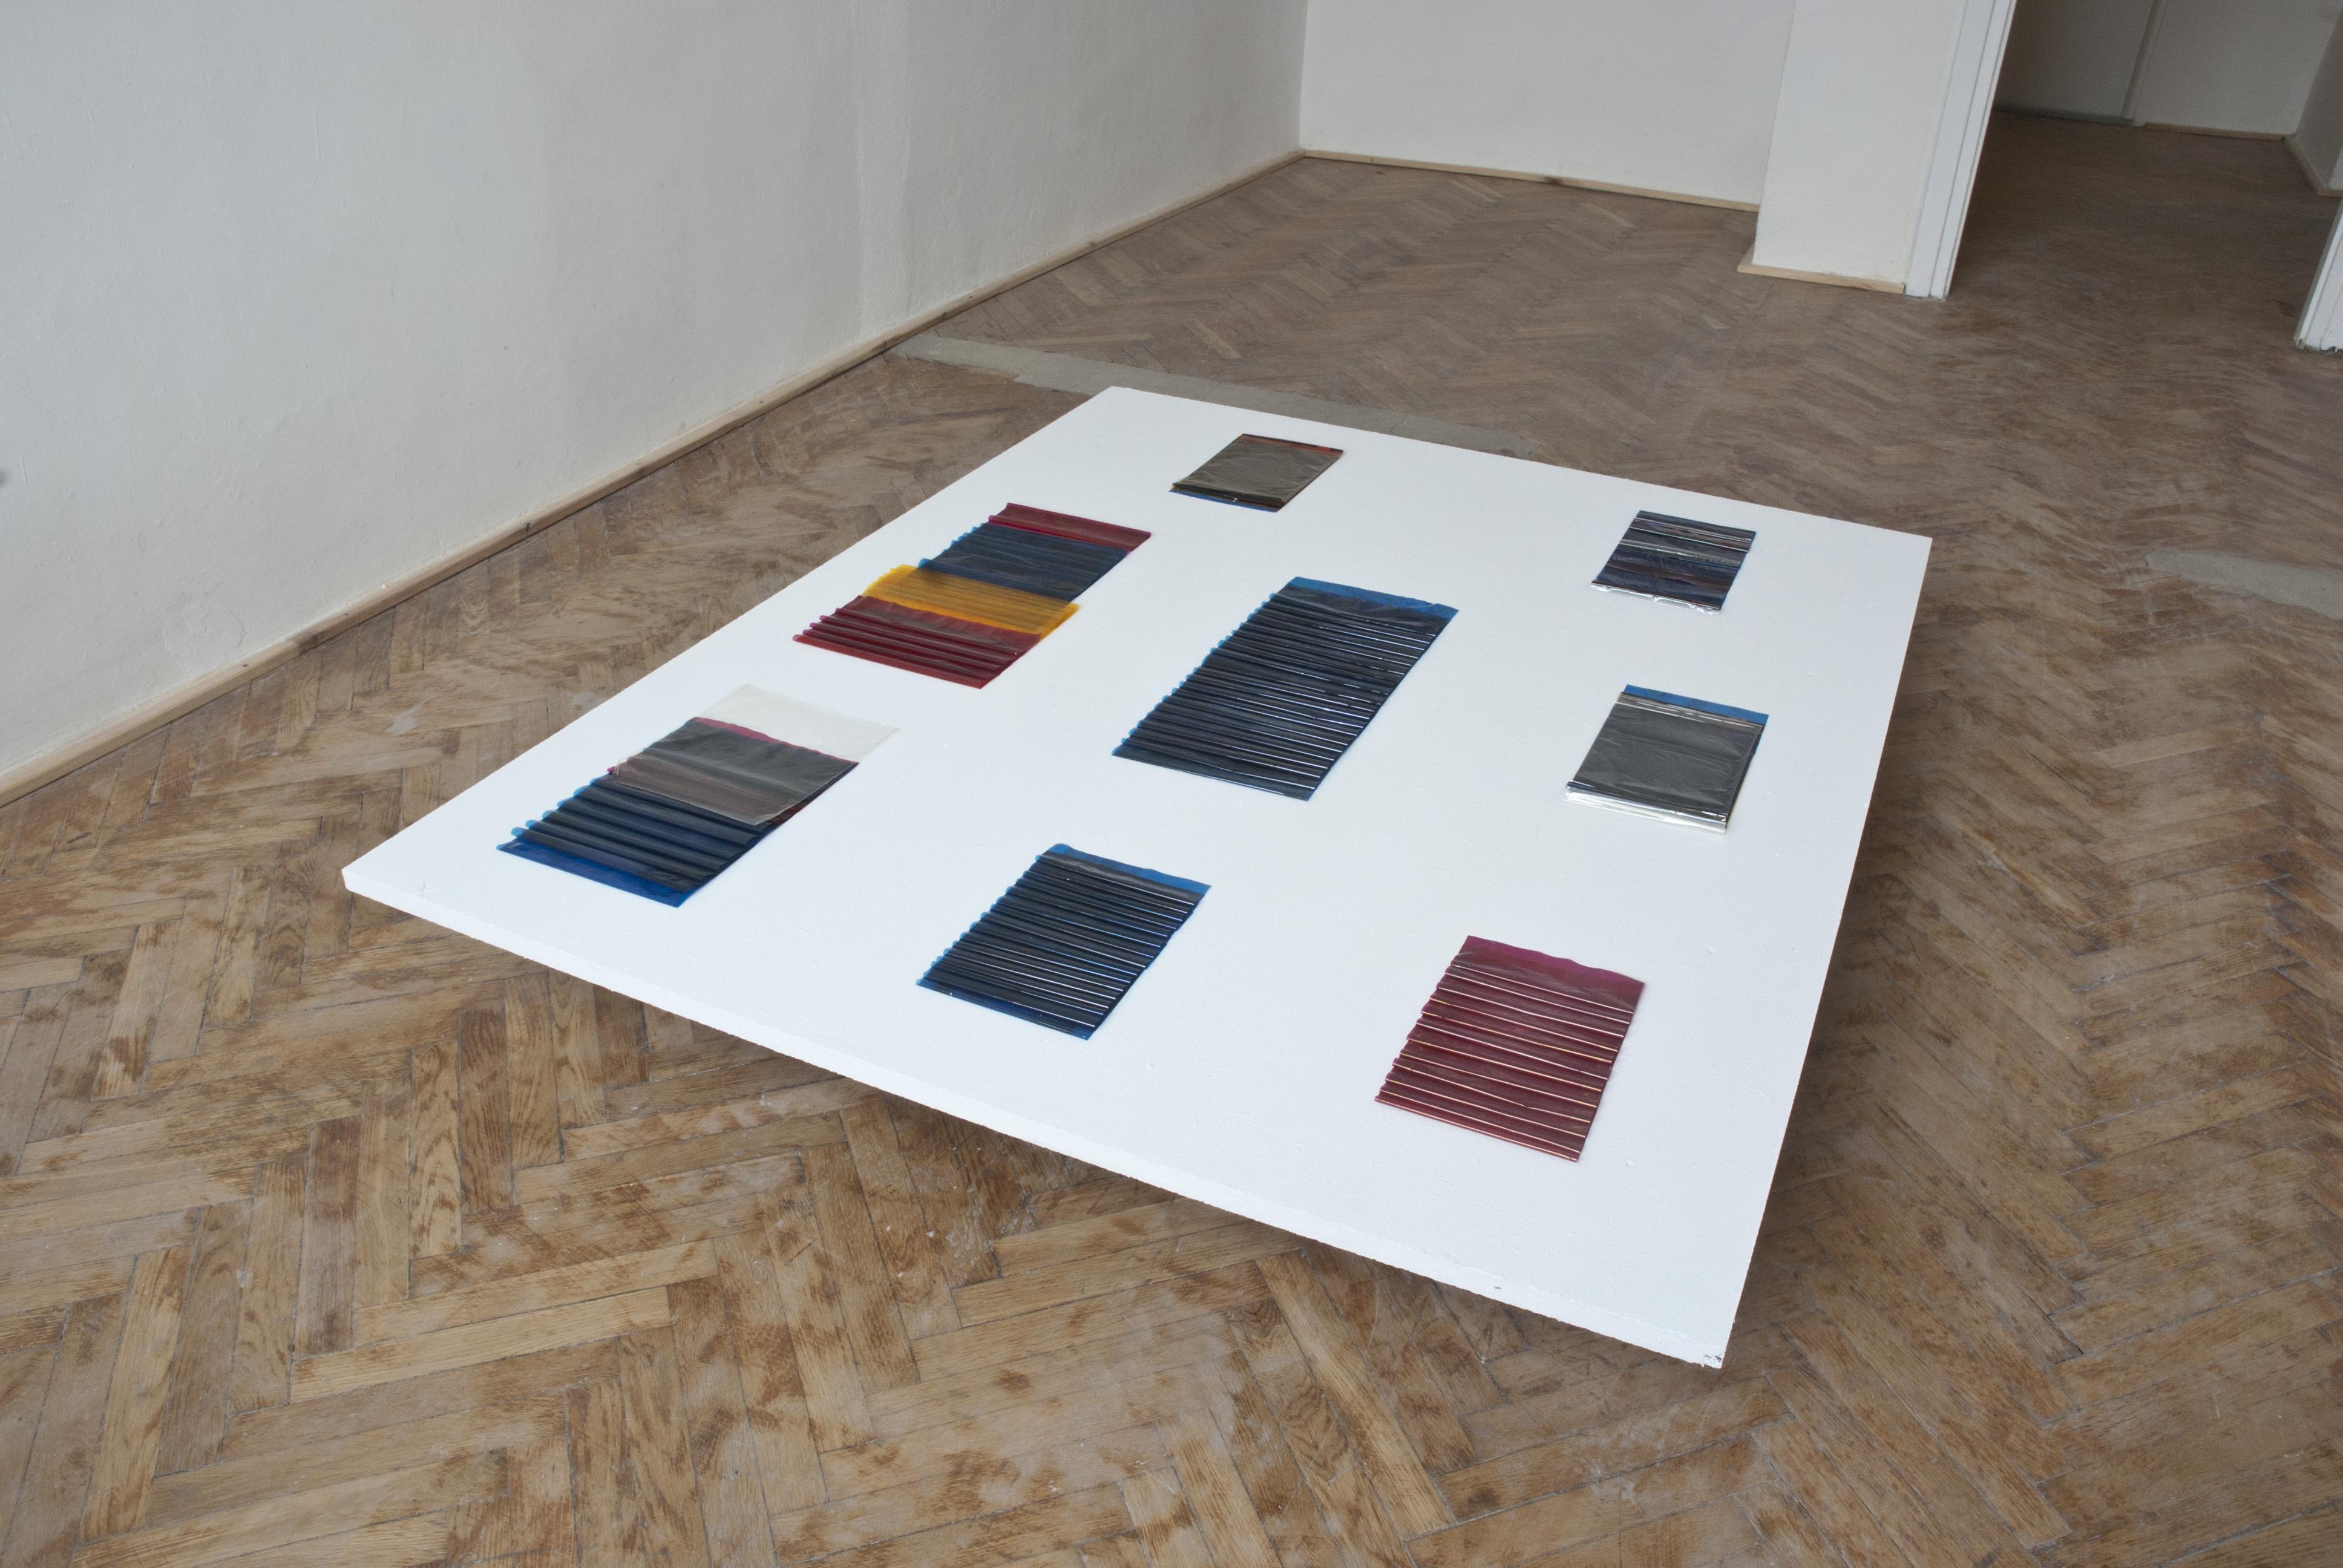 Tomasz Saciłowski, obiekty zfolii taśm drukarek termosublimacyjnych, 2015, ekspozycja nawystawie D2T2 wgalerii Piktogram